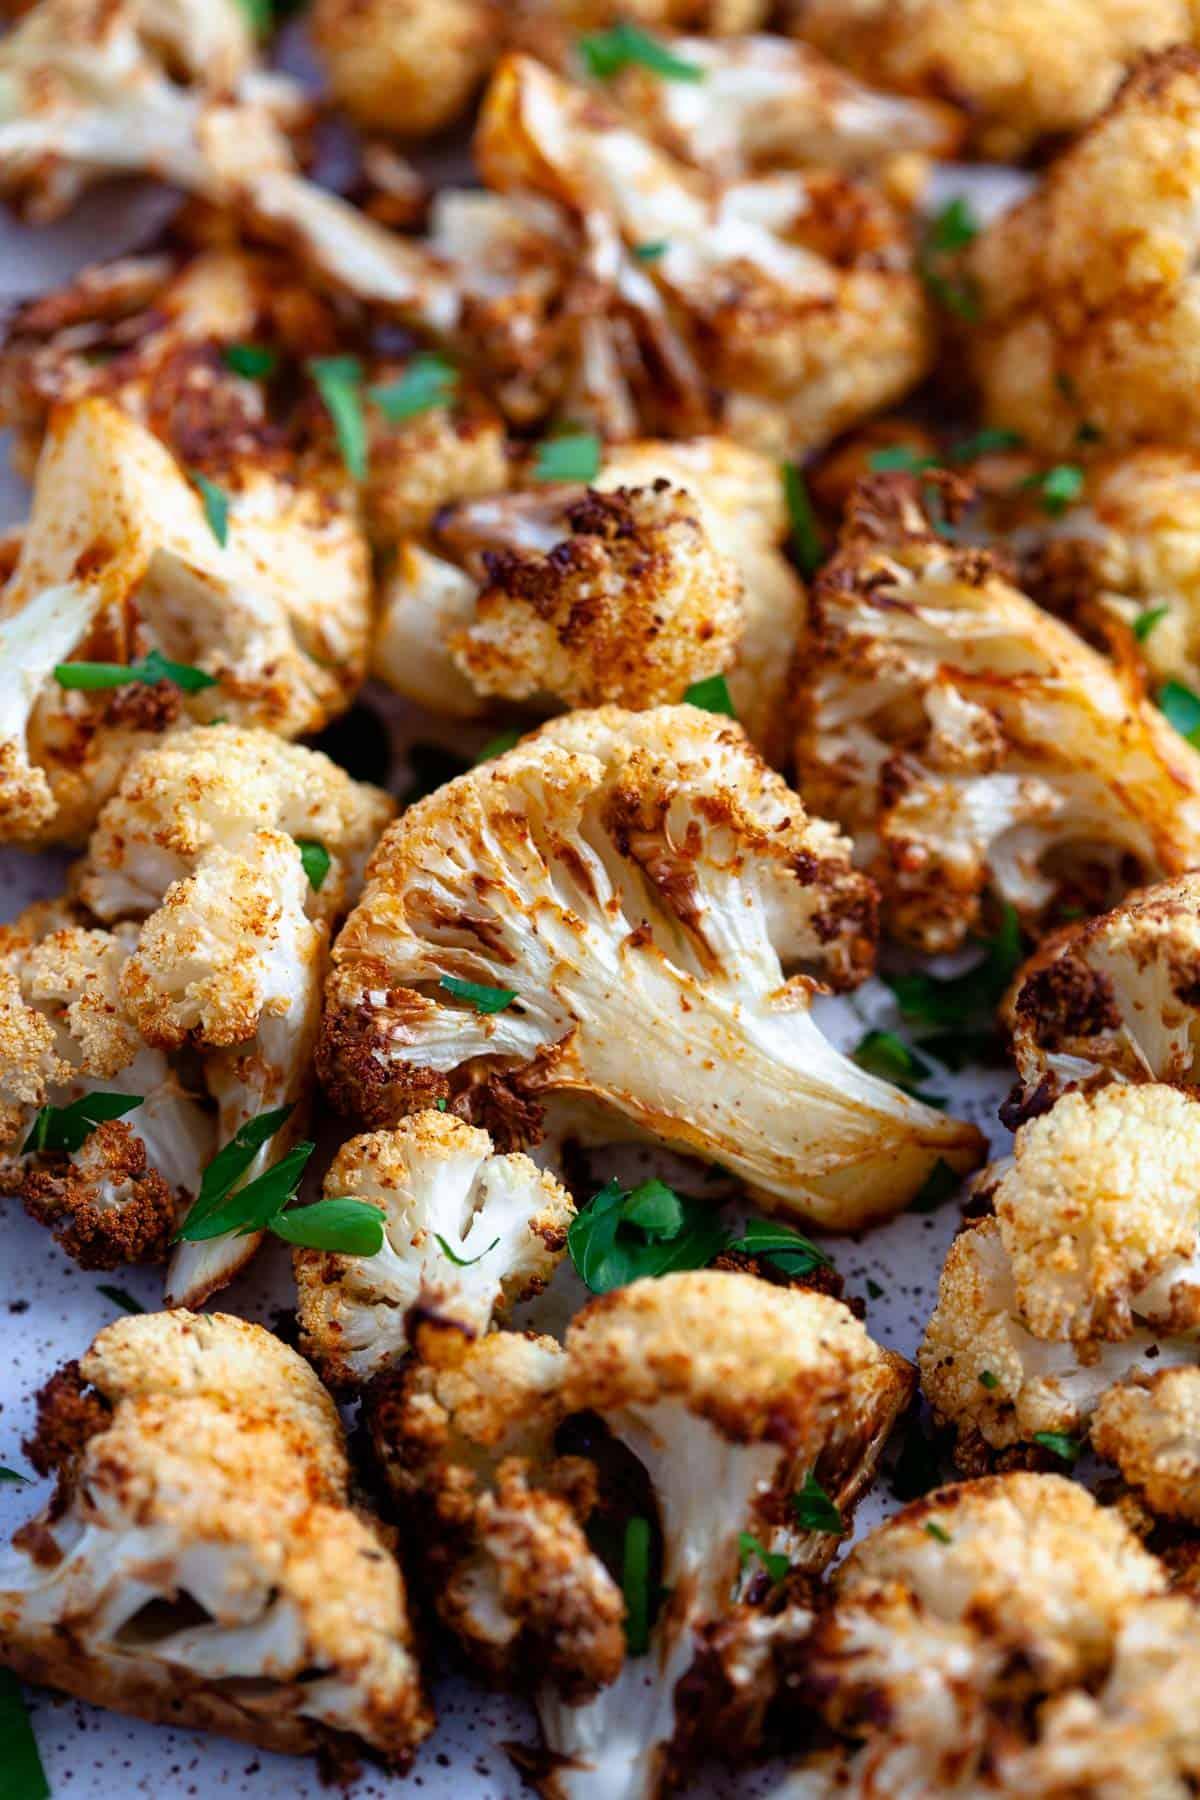 close up crispy crunchy golden brown air fryer cauliflower with parsley garnish